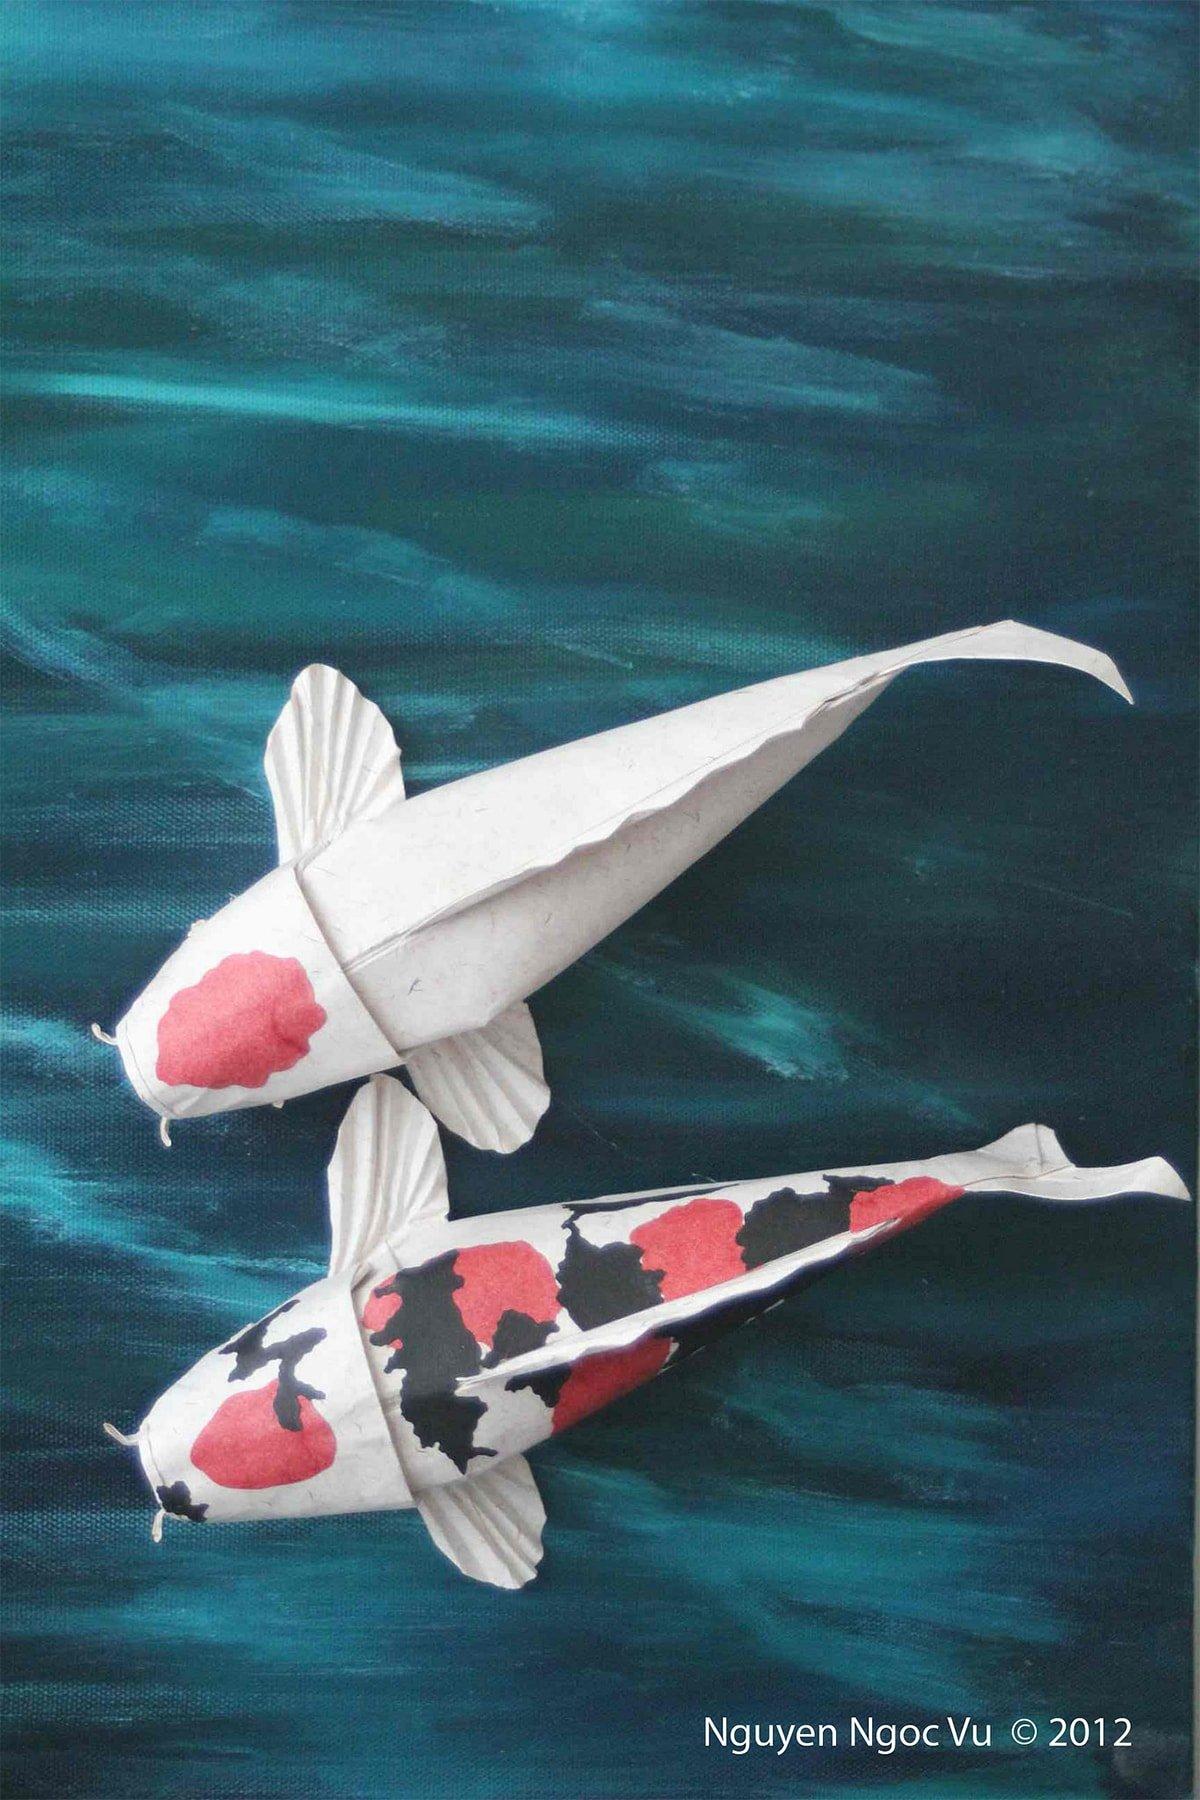 Kuchibeni Kohaku Folded by Nguyen Ngoc Vu